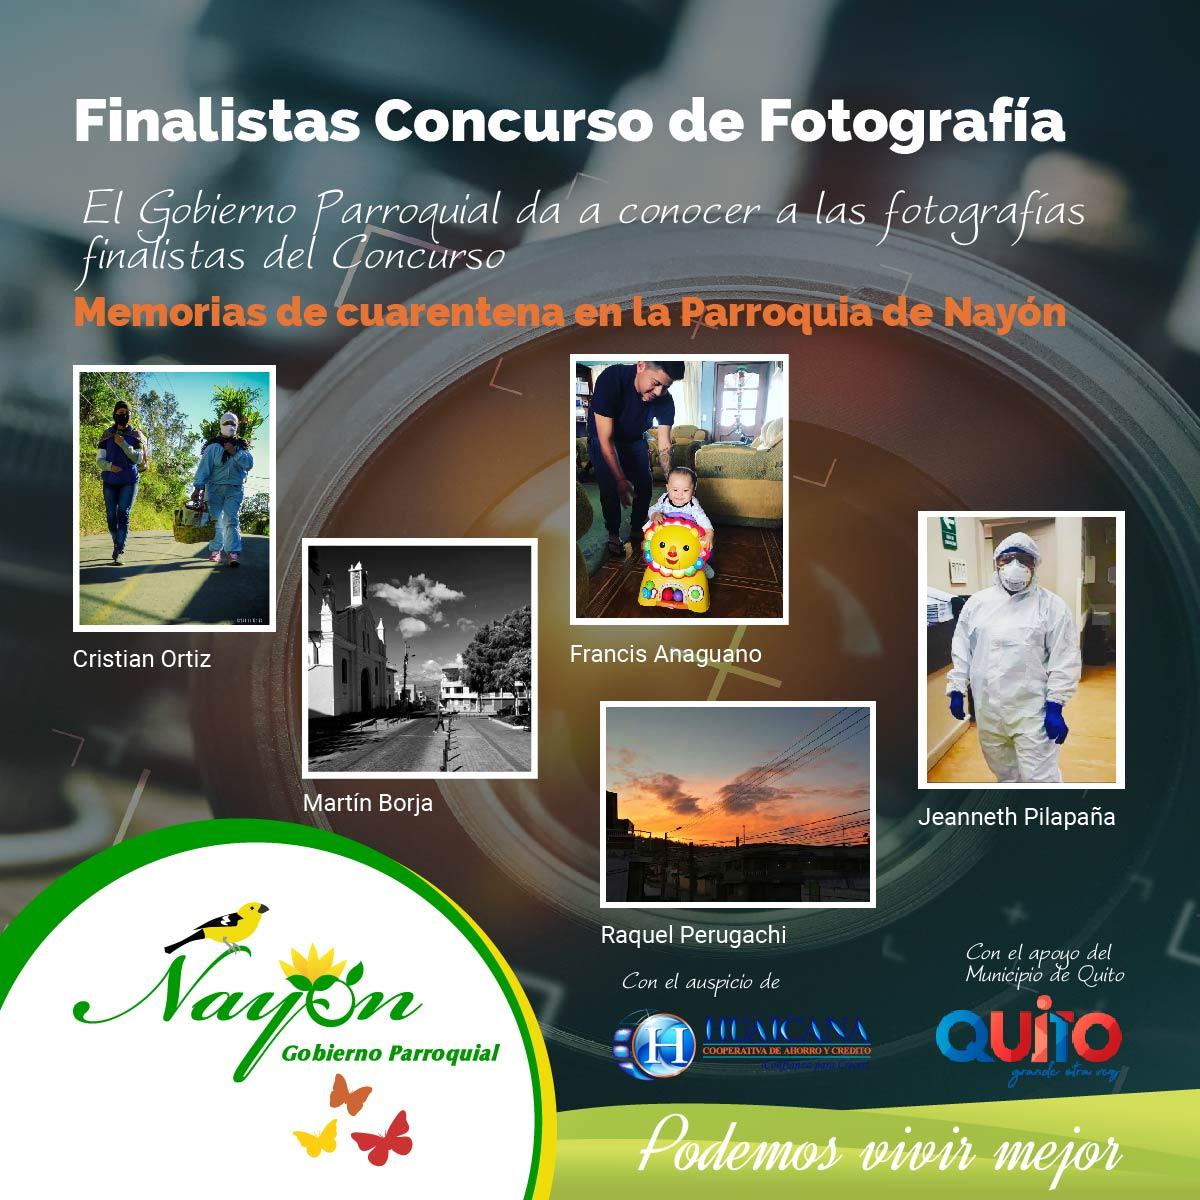 Finalista Concurso de Fotografías Memorias de Cuarentena en la Parroquia de Nayón